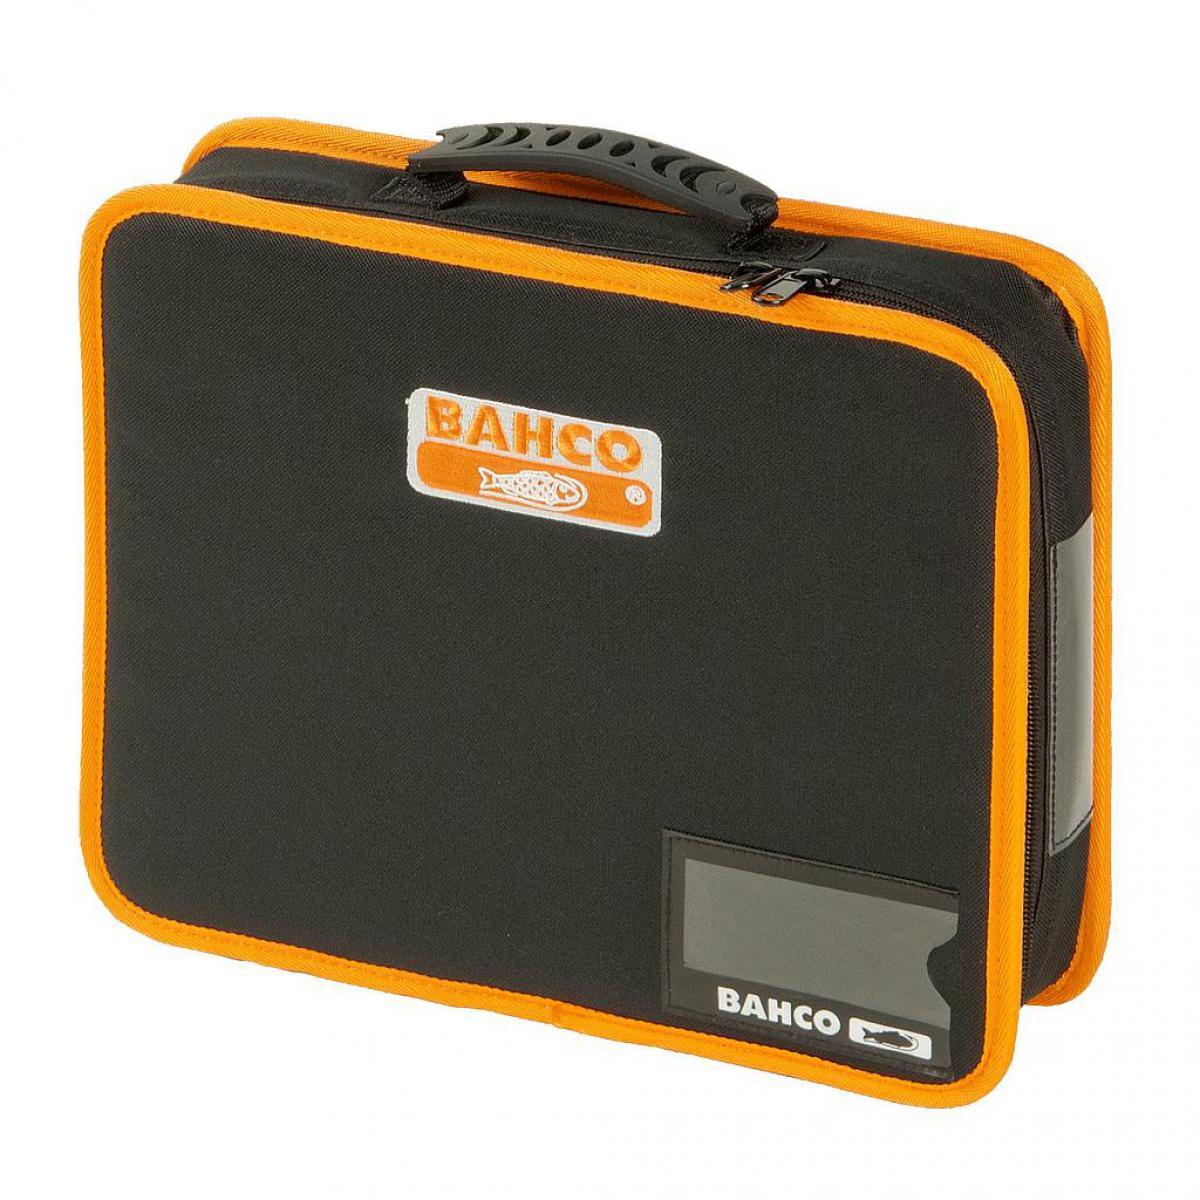 Bahco Bahco - Pochette porte-outils en tissu moyenne 6 L, avec poignée caoutchouc, 62 x 275 x 330 mm - 4750FB5B